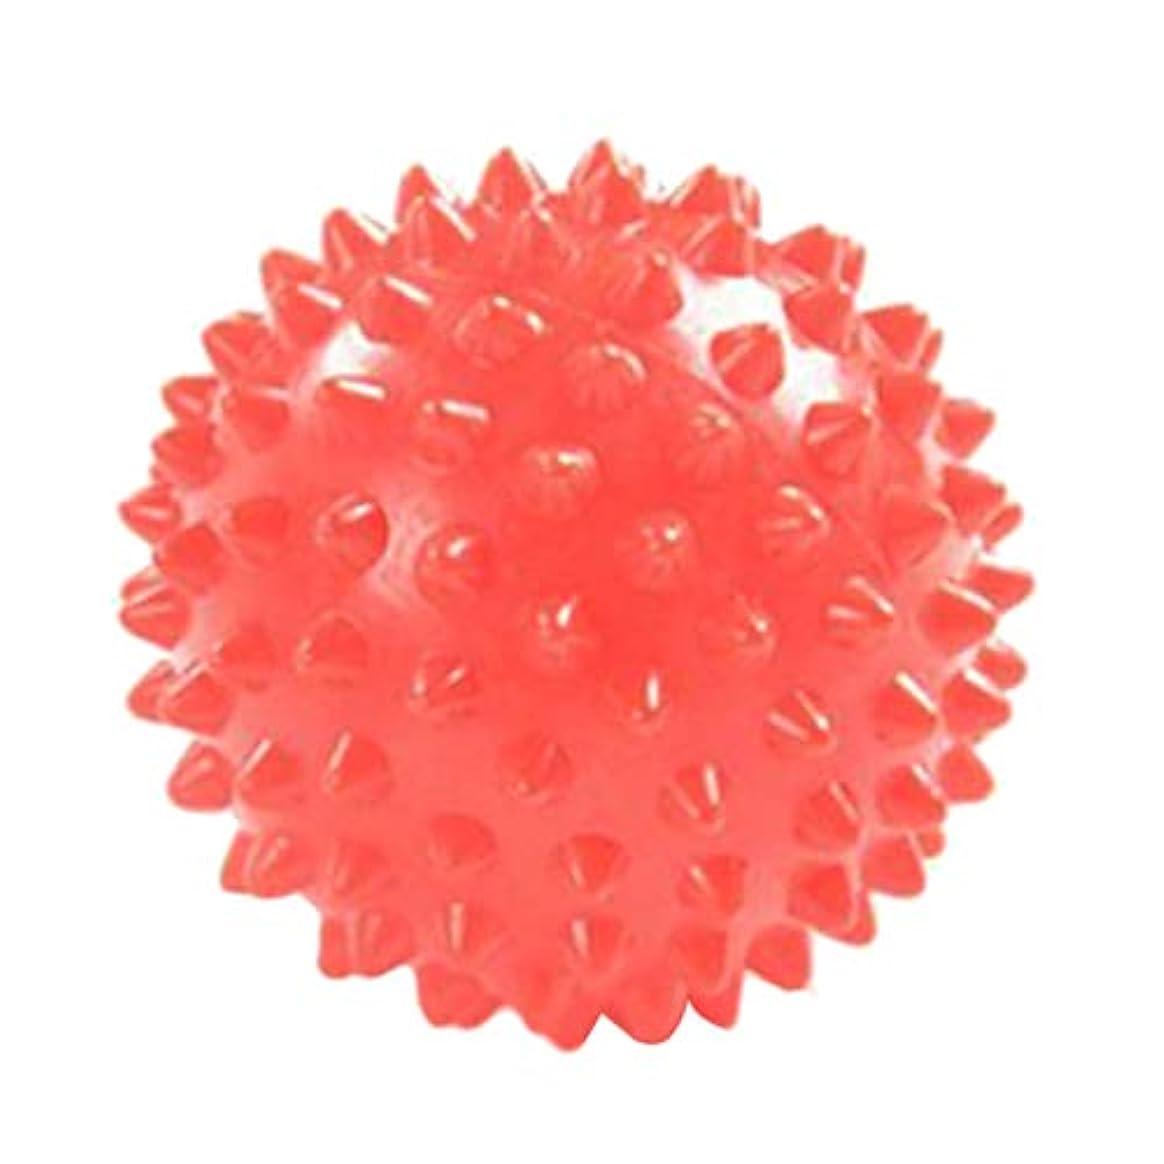 クモ星バレエマッサージローラー トリガーポイント 指圧マッサージボール 疲労軽減 痛み緩和 ローラー